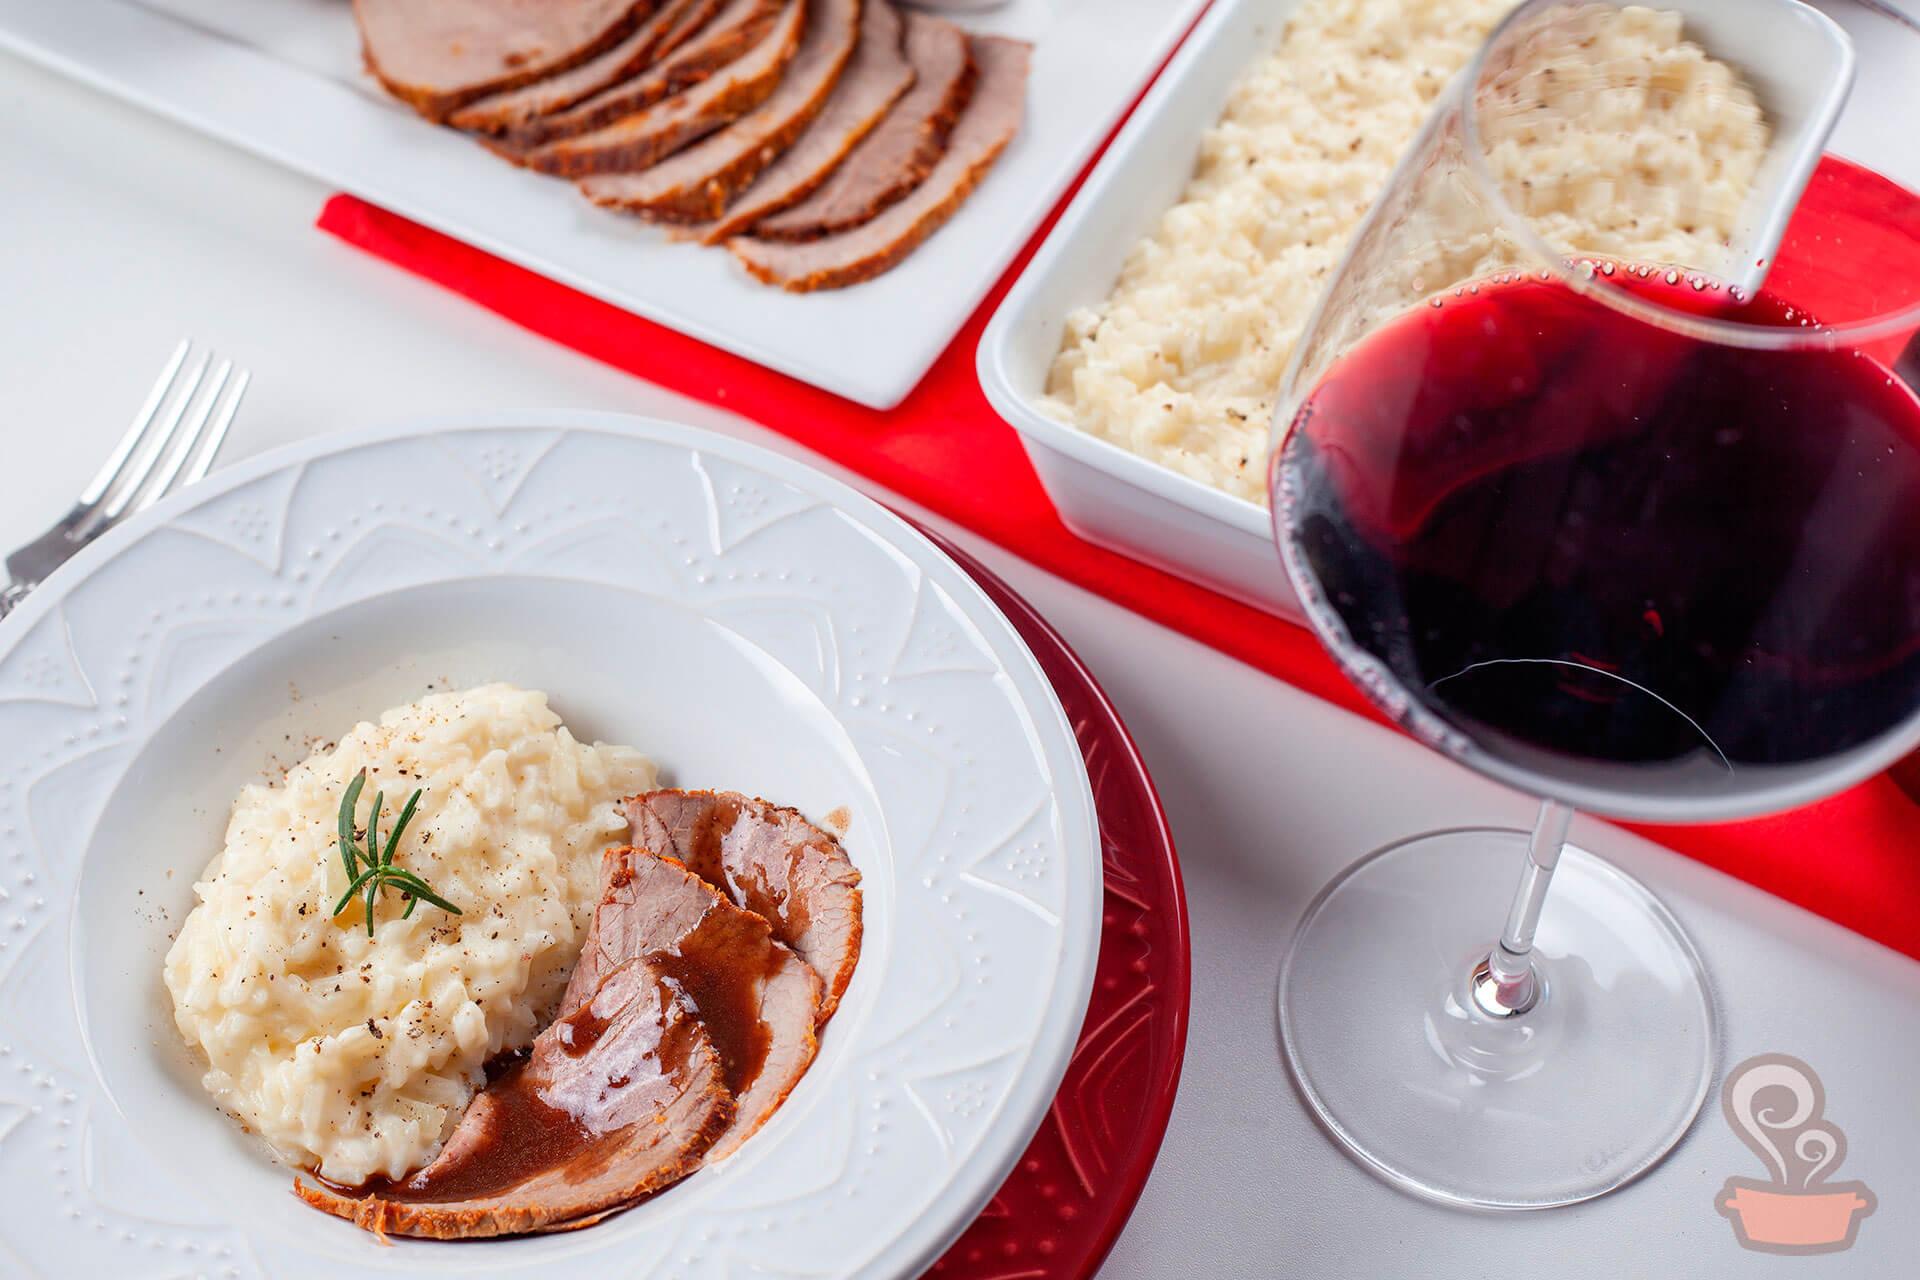 Imagem: Harmonize com um vinho tinto e bom apetite! Foto: Na Minha Panela